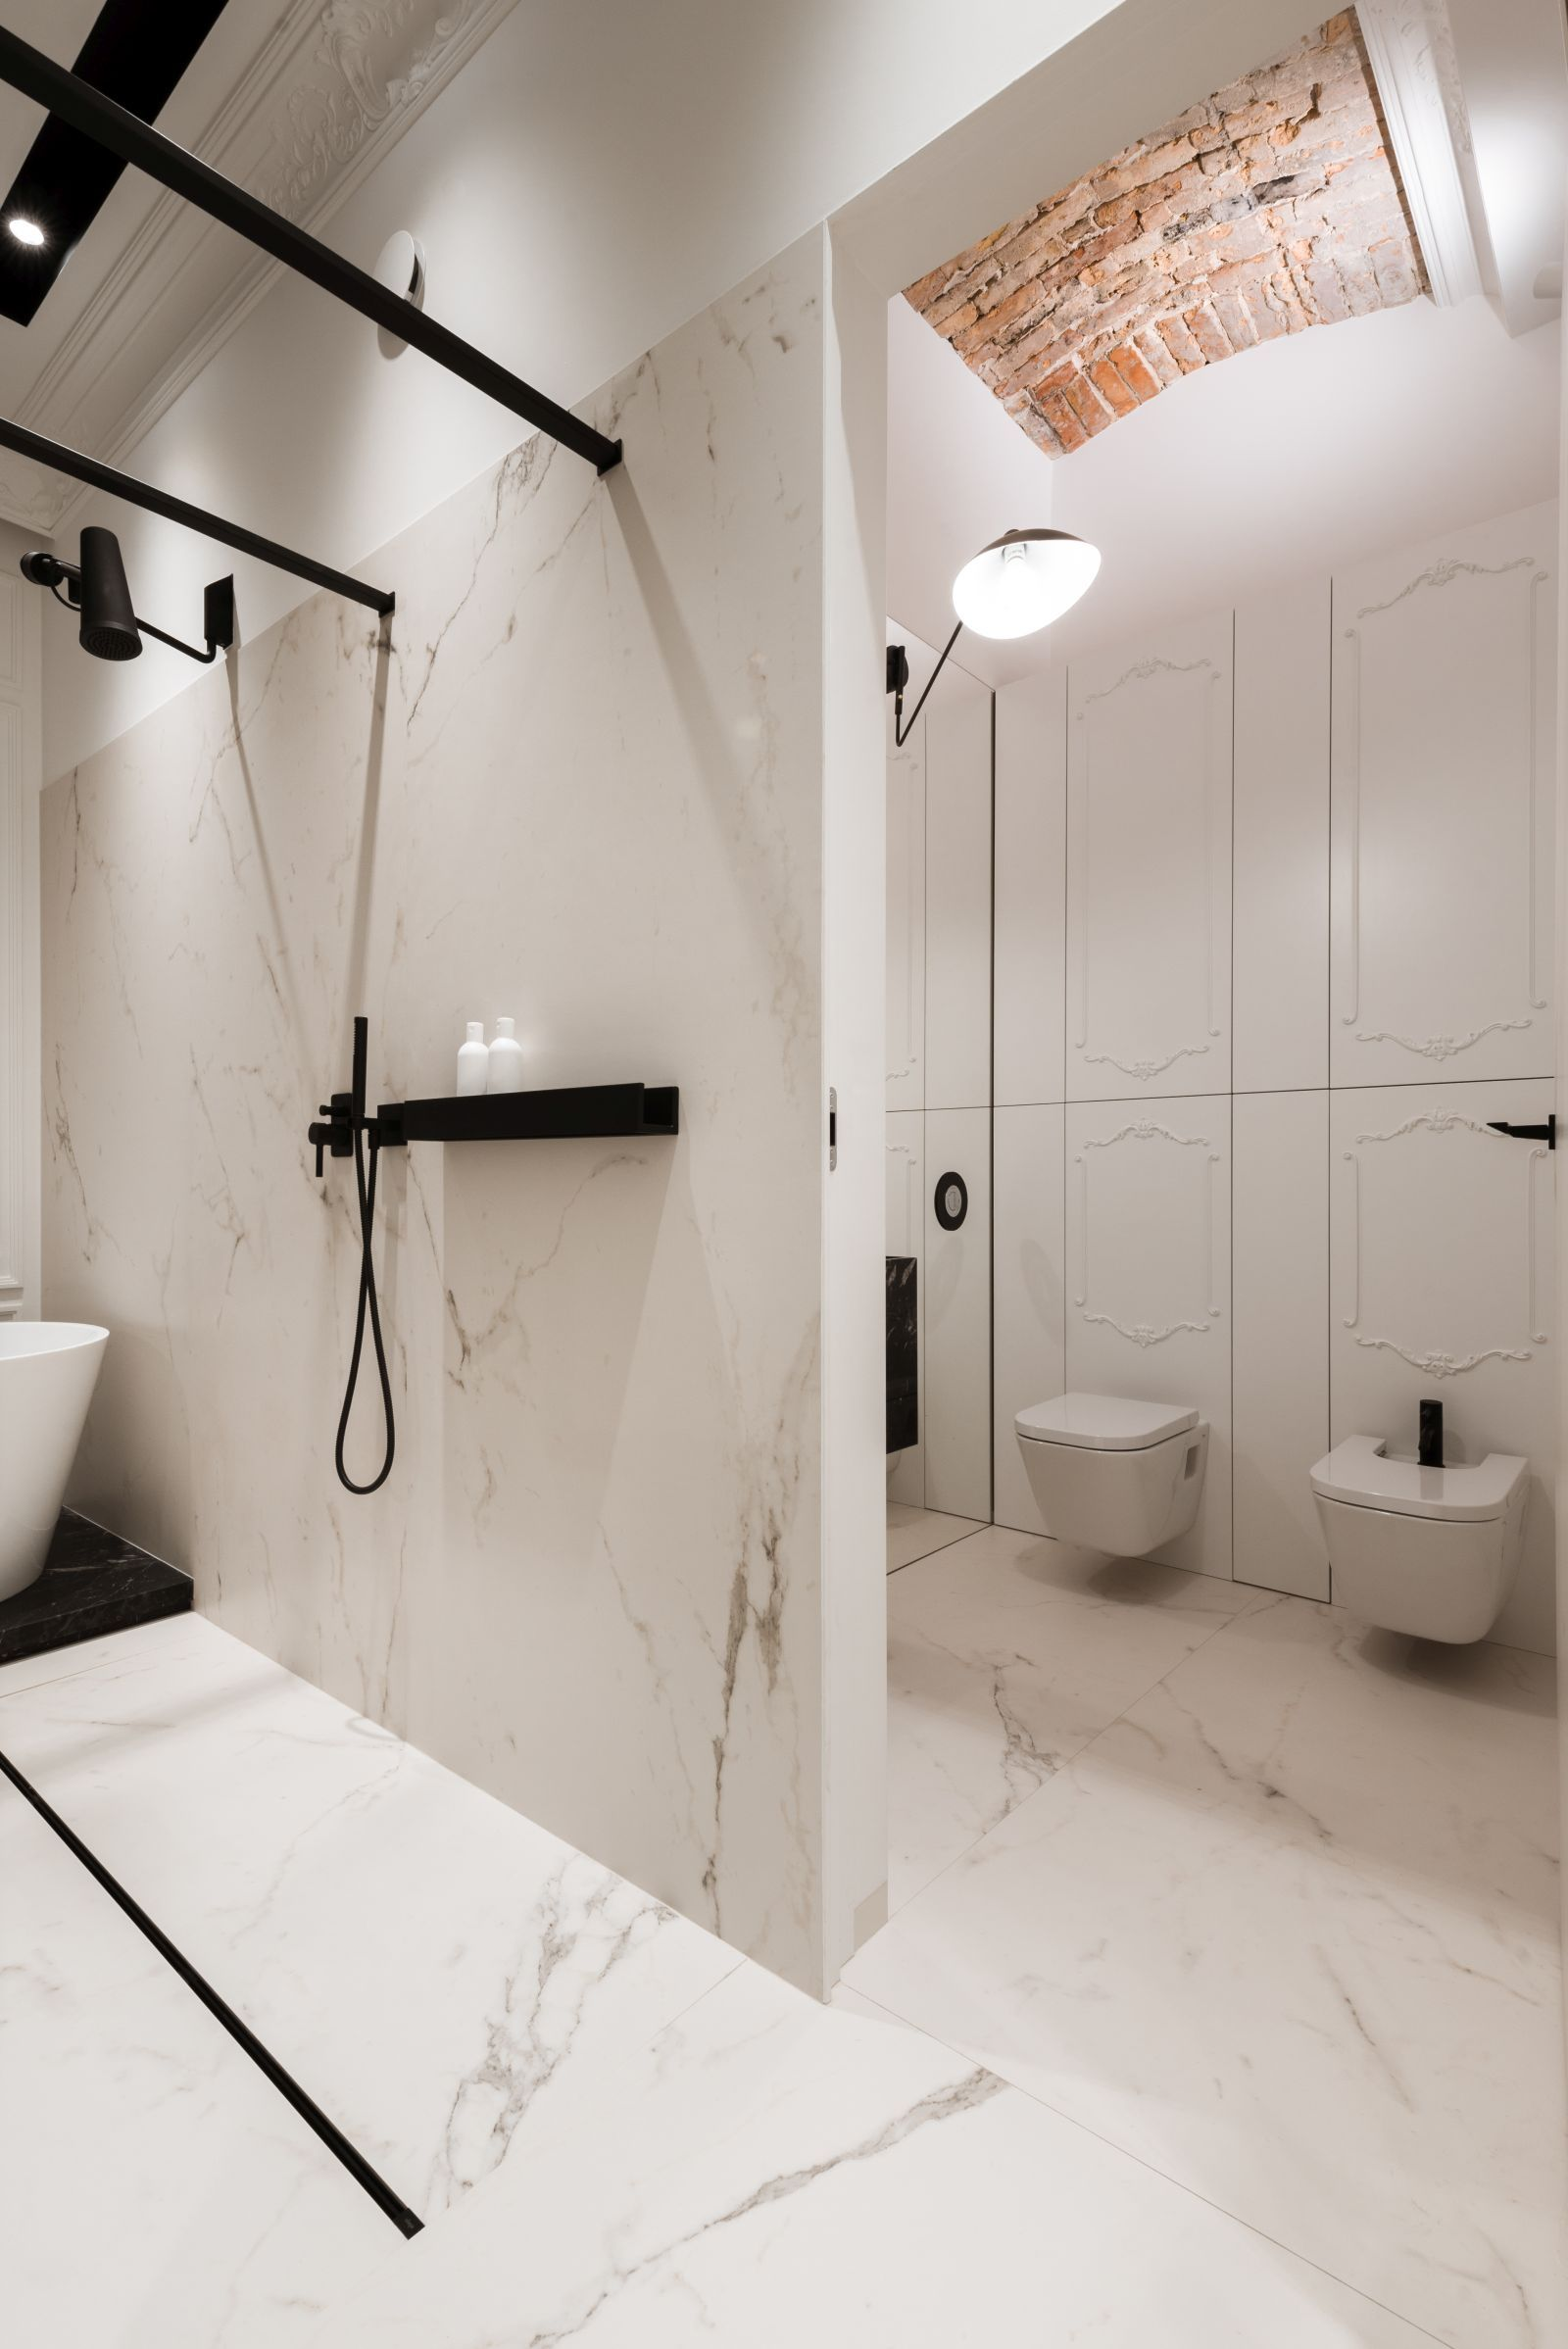 Nowoczesna łazienka W Kamienicy Z Marmuru Bathroom